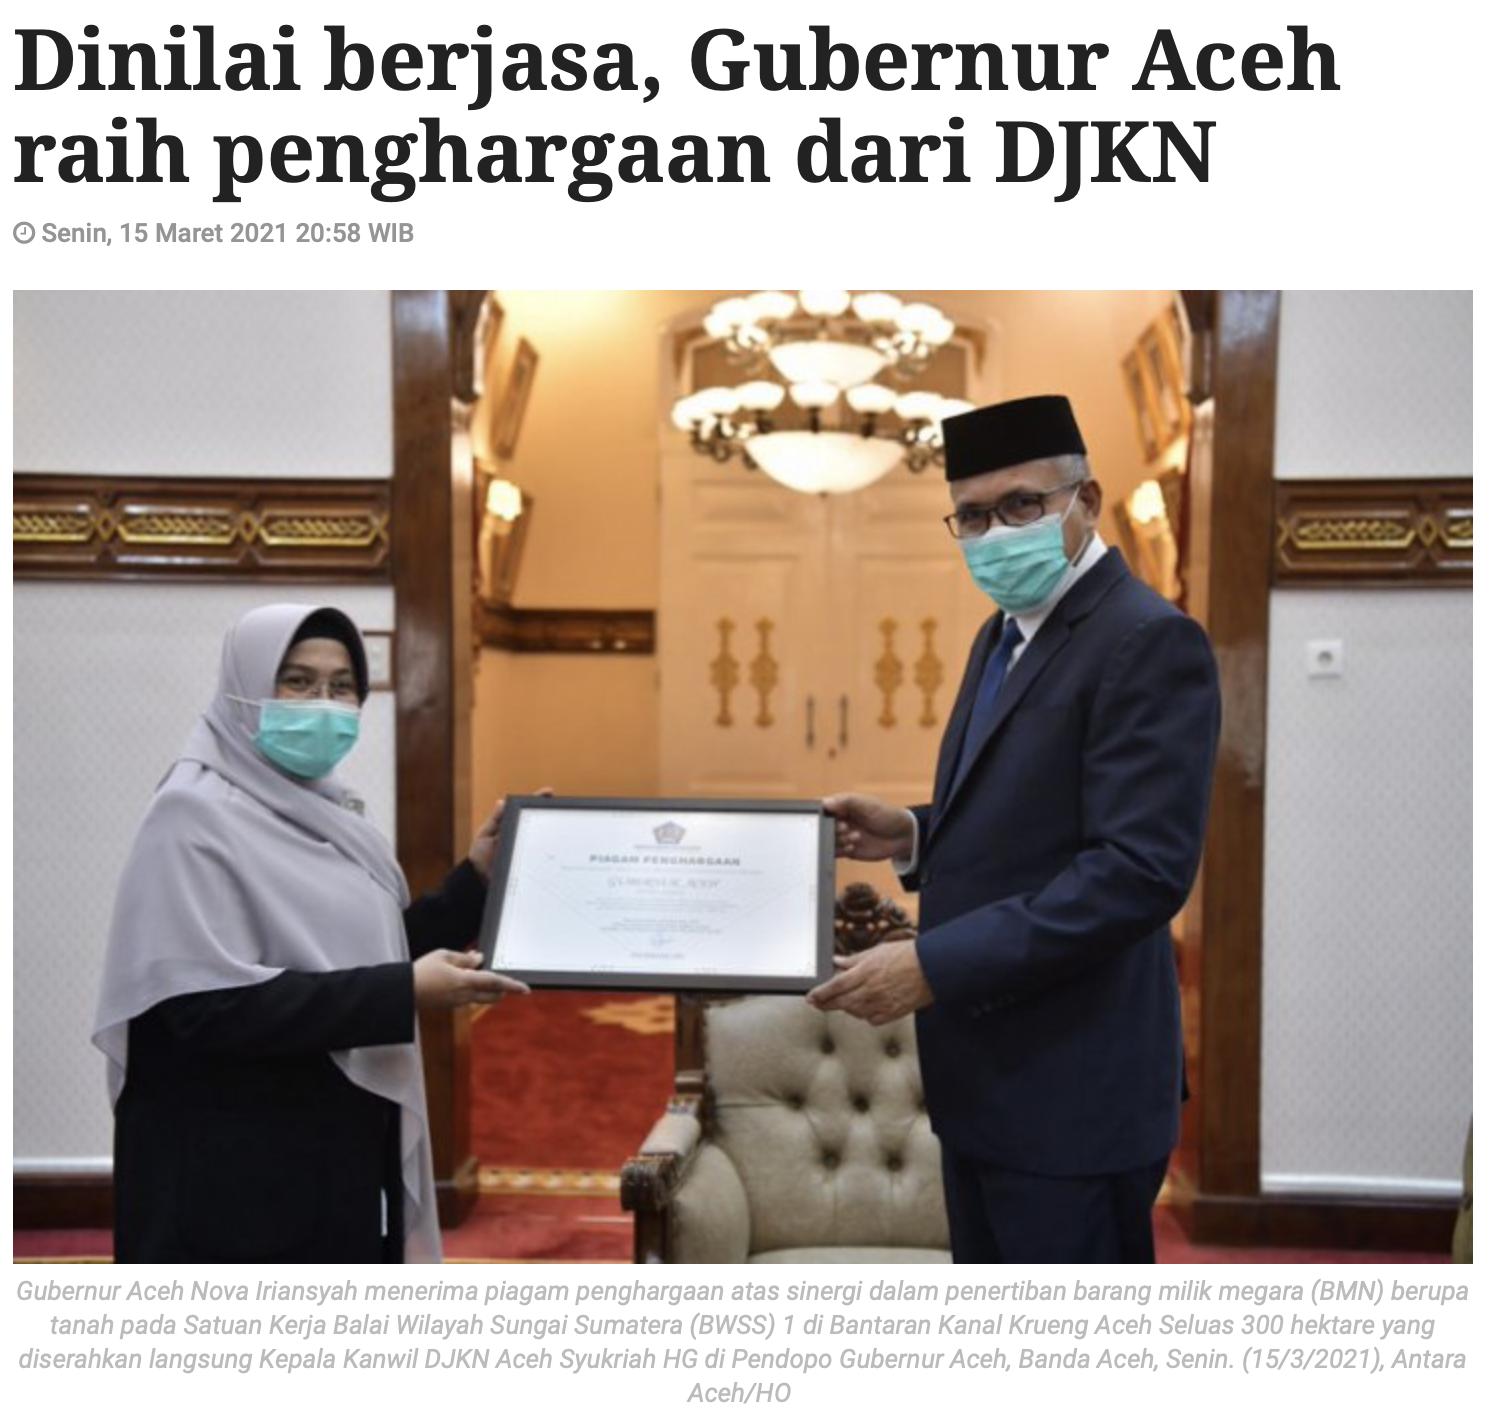 Dinilai berjasa, Gubernur Aceh raih penghargaan dari DJKN